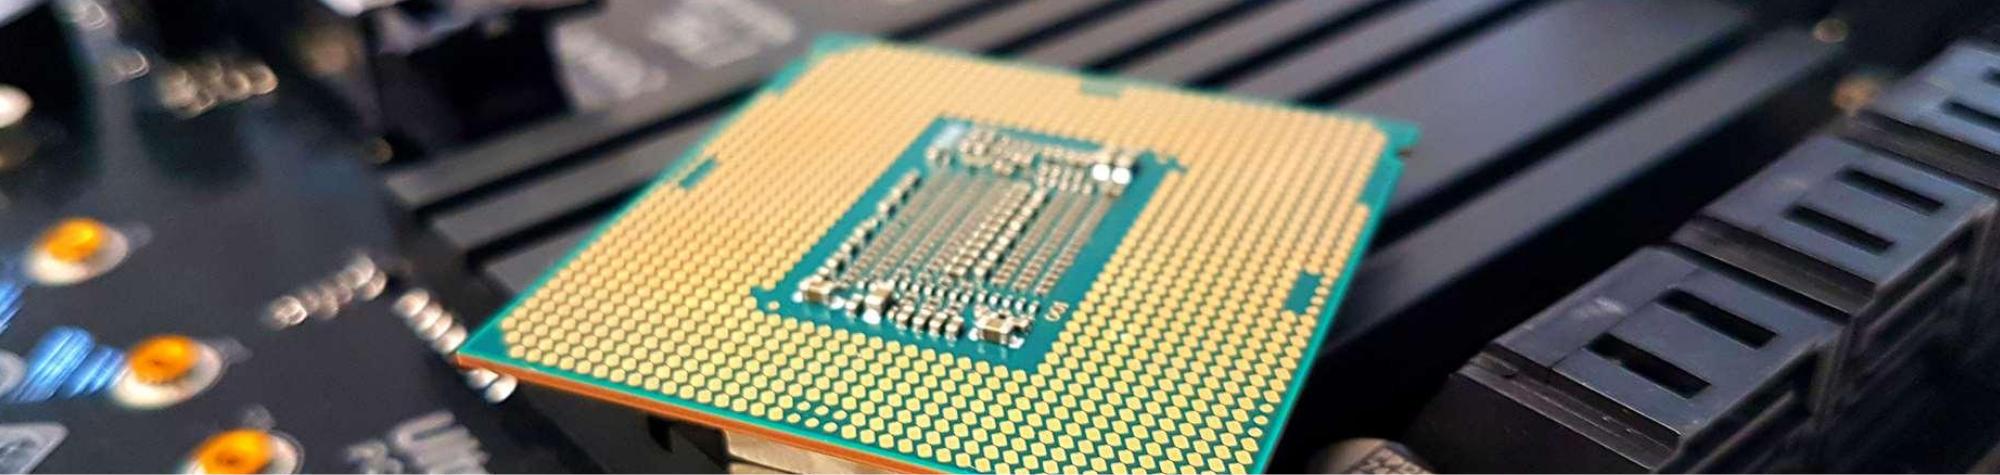 The Intel Core i9 10850K: Do we really need it?